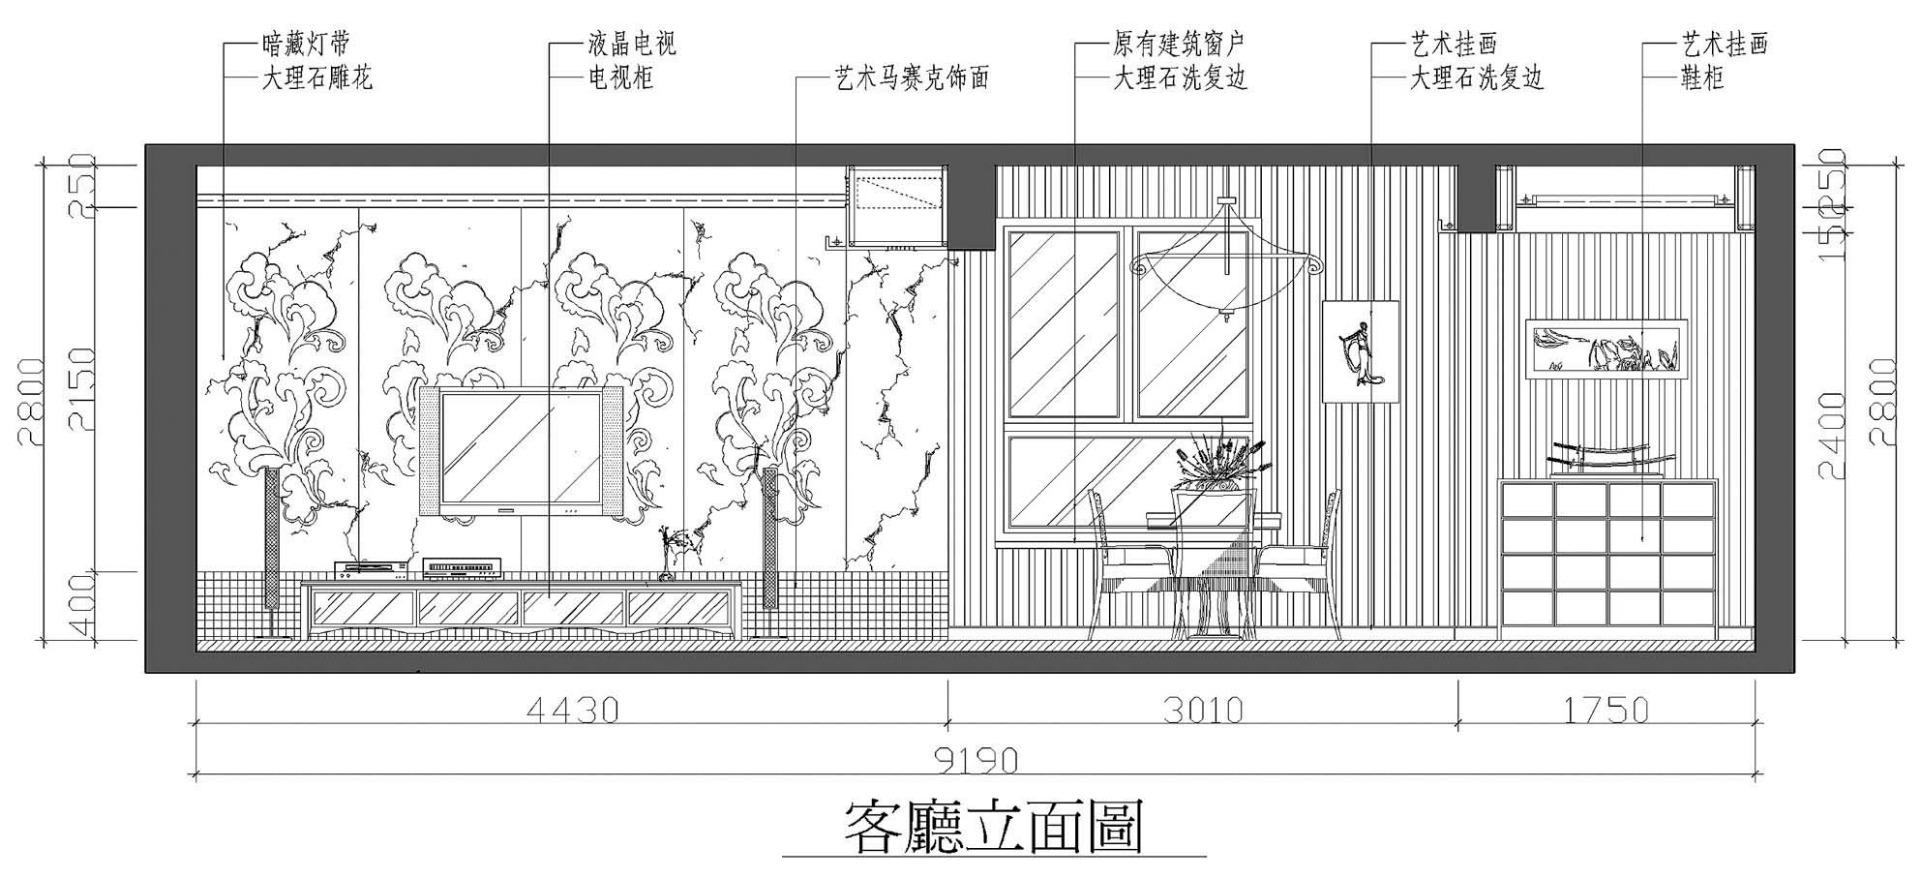 福州钱隆天下夏花样板房客廳立面圖-B.jpg